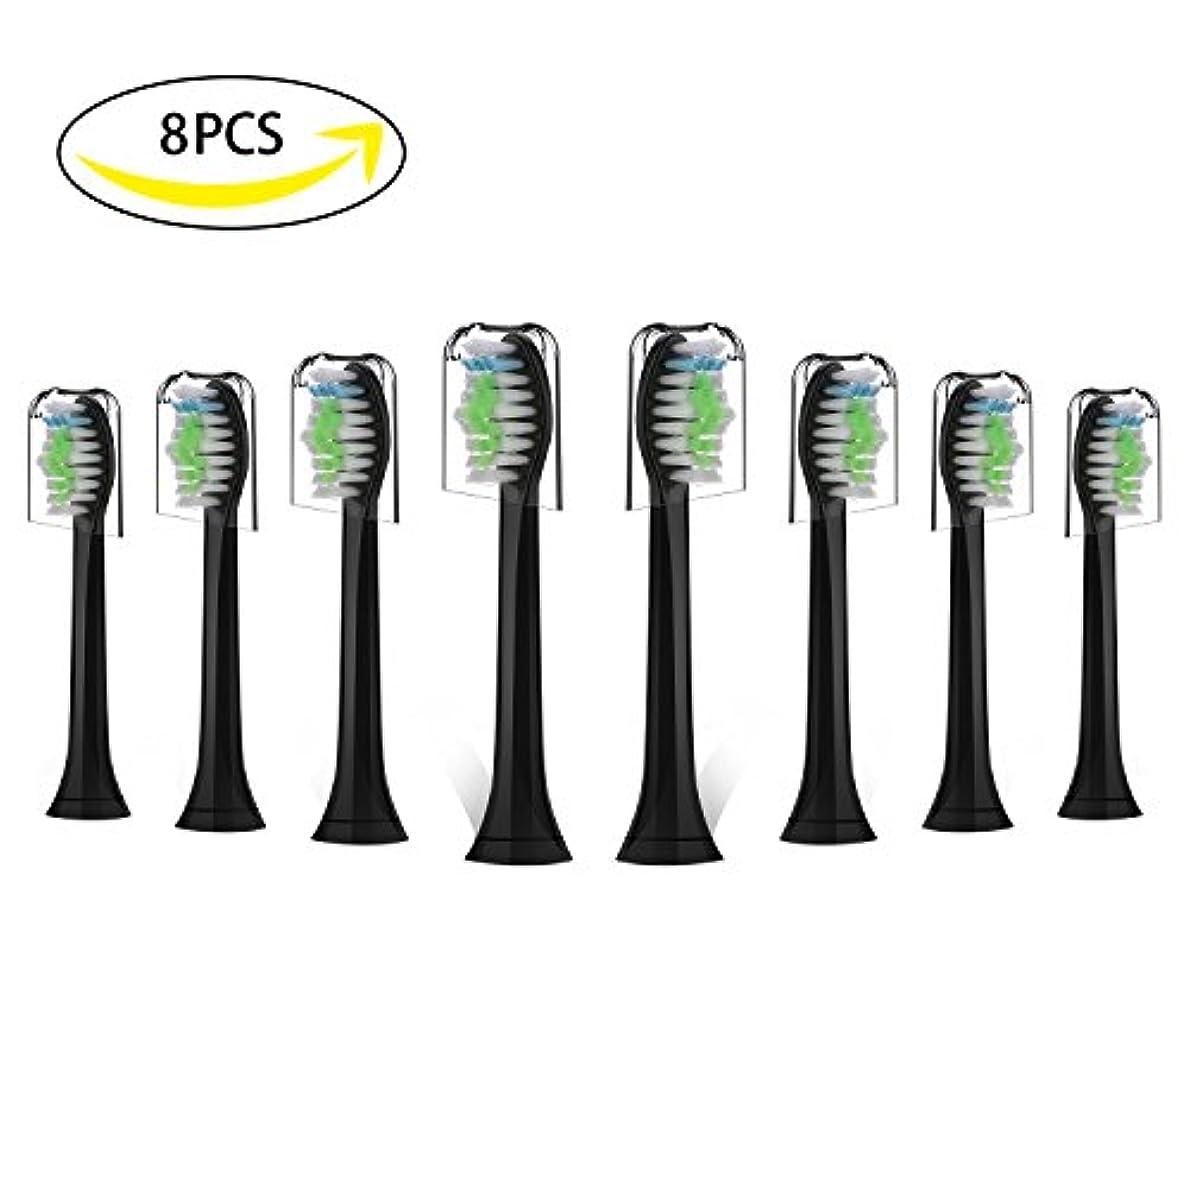 ピーブ偉業ターミナルSonifresh 交換ヘッド歯ブラシ用ヘッドセットフィリップソニカ電気歯ブラシ - プラークコントロールガム 健康ダイヤモンド クリーンフレックス ケアイージークリーンとヘルシーホワイト 8パック 8パック